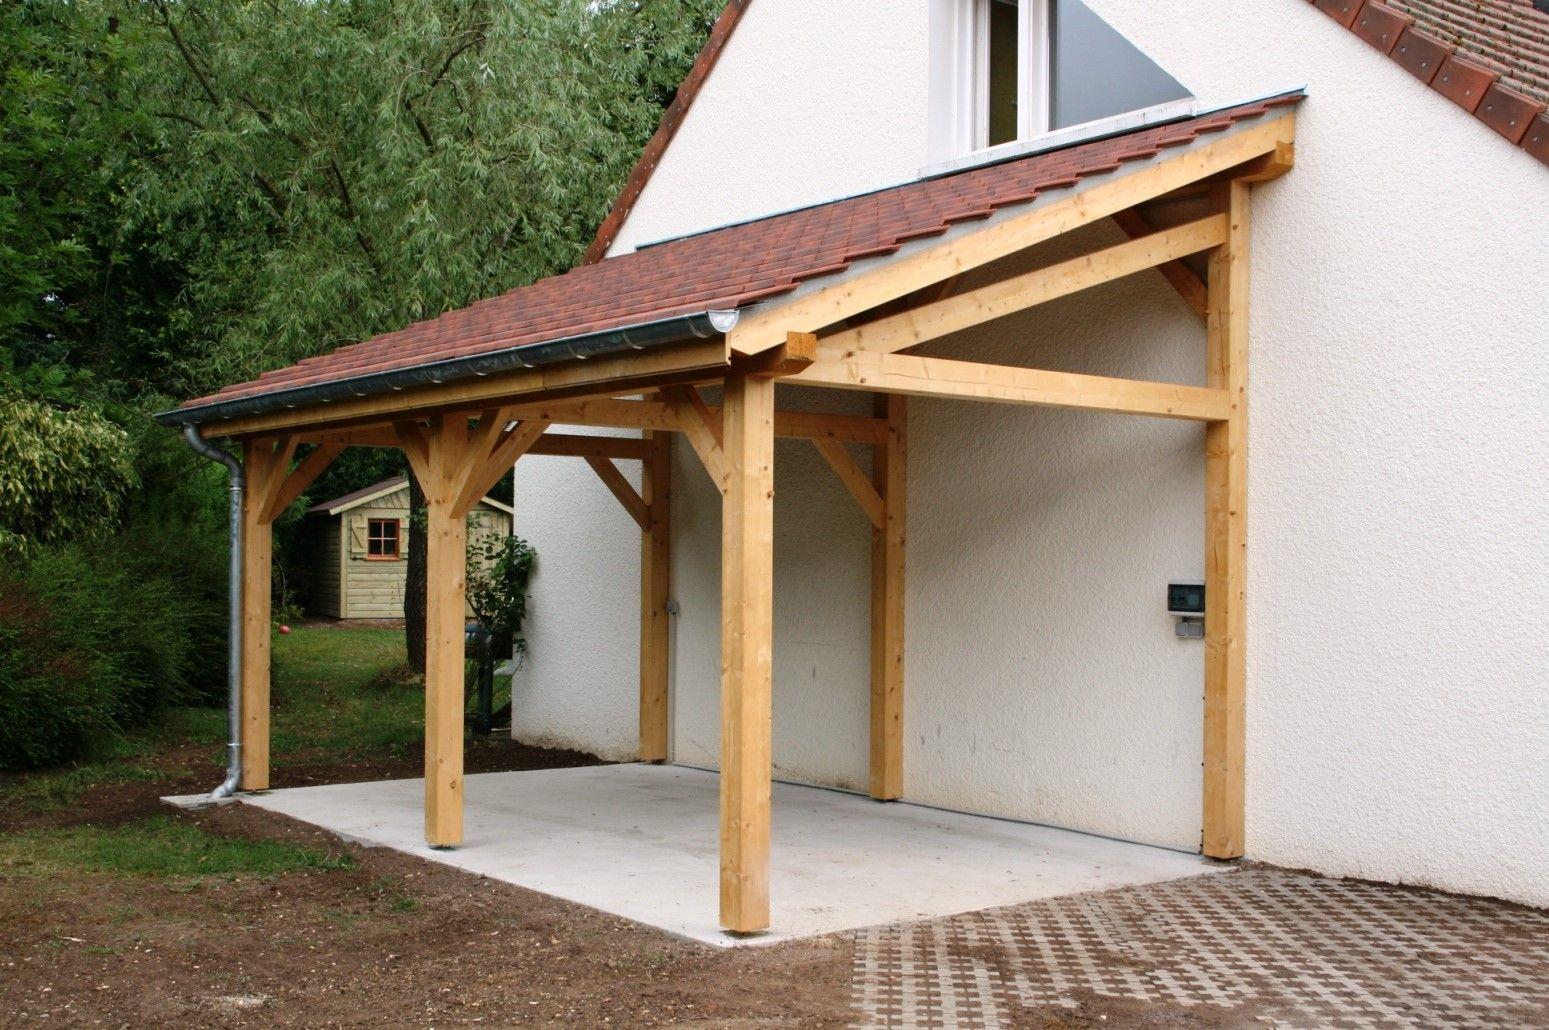 Teds Wood Working Garage 1 Pente 2 70mx7 00m Cerisier Abris De Jardin En Bois Get A Lifetime Of Project Ideas Inspiration 패티오 정원 가꾸기 정원 아이디어